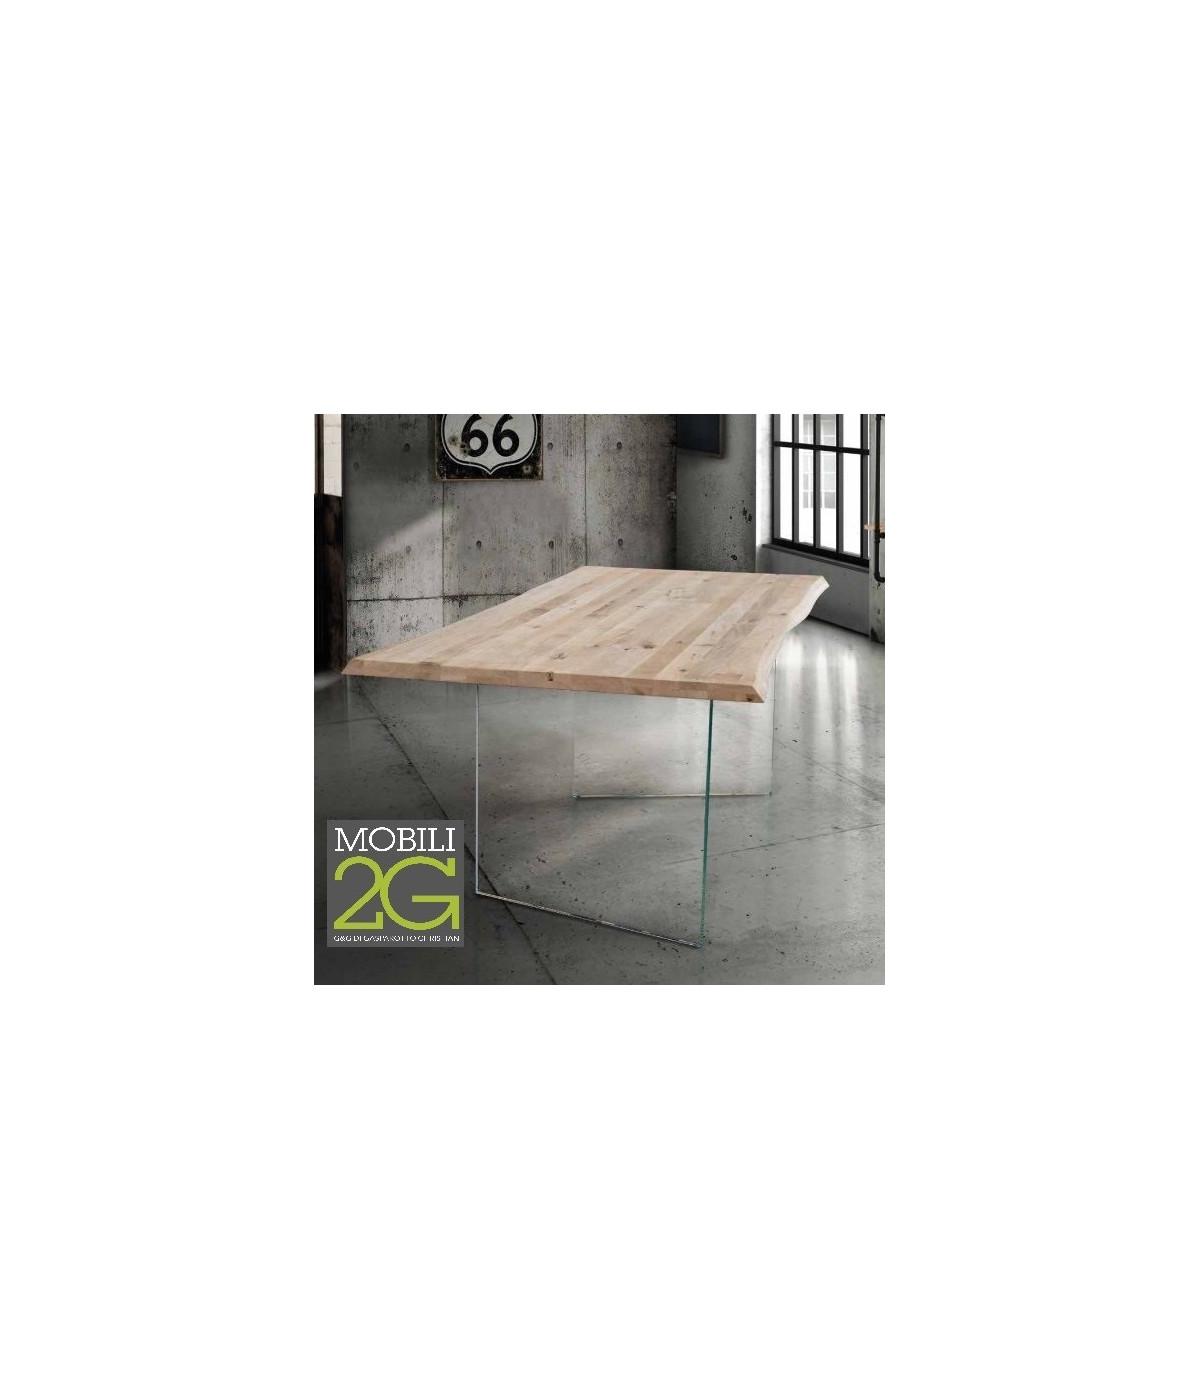 Tavolo Cristallo Gambe Legno.Tavolo Fisso In Legno Rovere Massello 180x90 Spessore 4 Cm E Gambe In Vetro